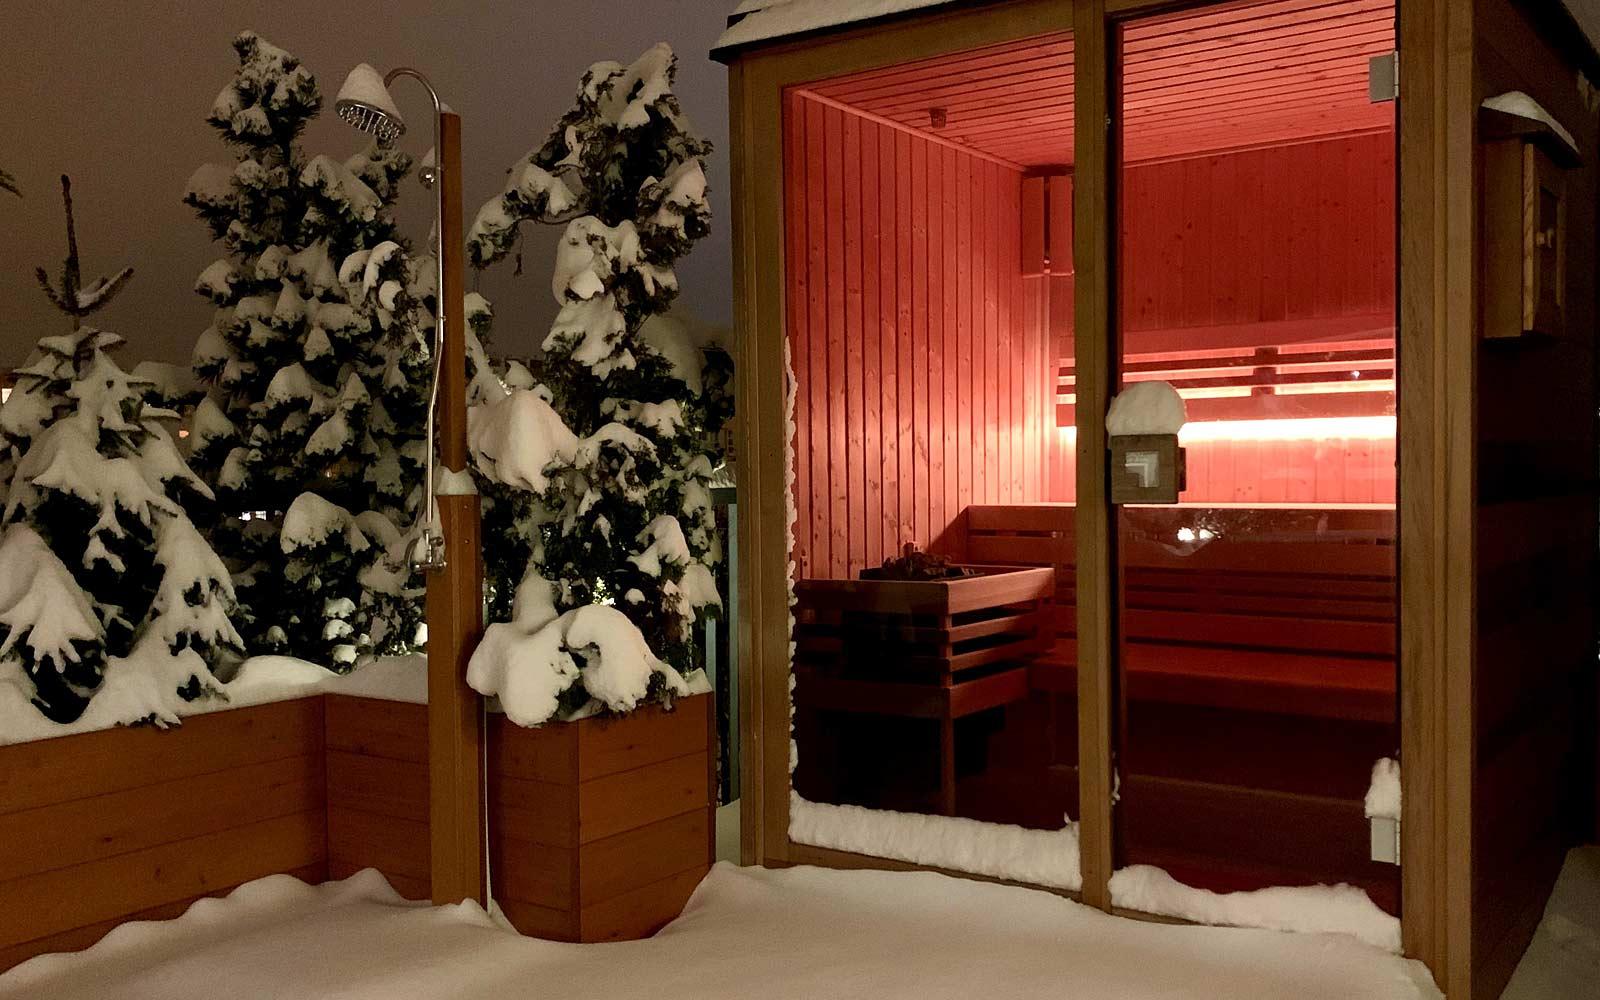 Saunování v zimě ve venkovní sauně má svoje kouzlo